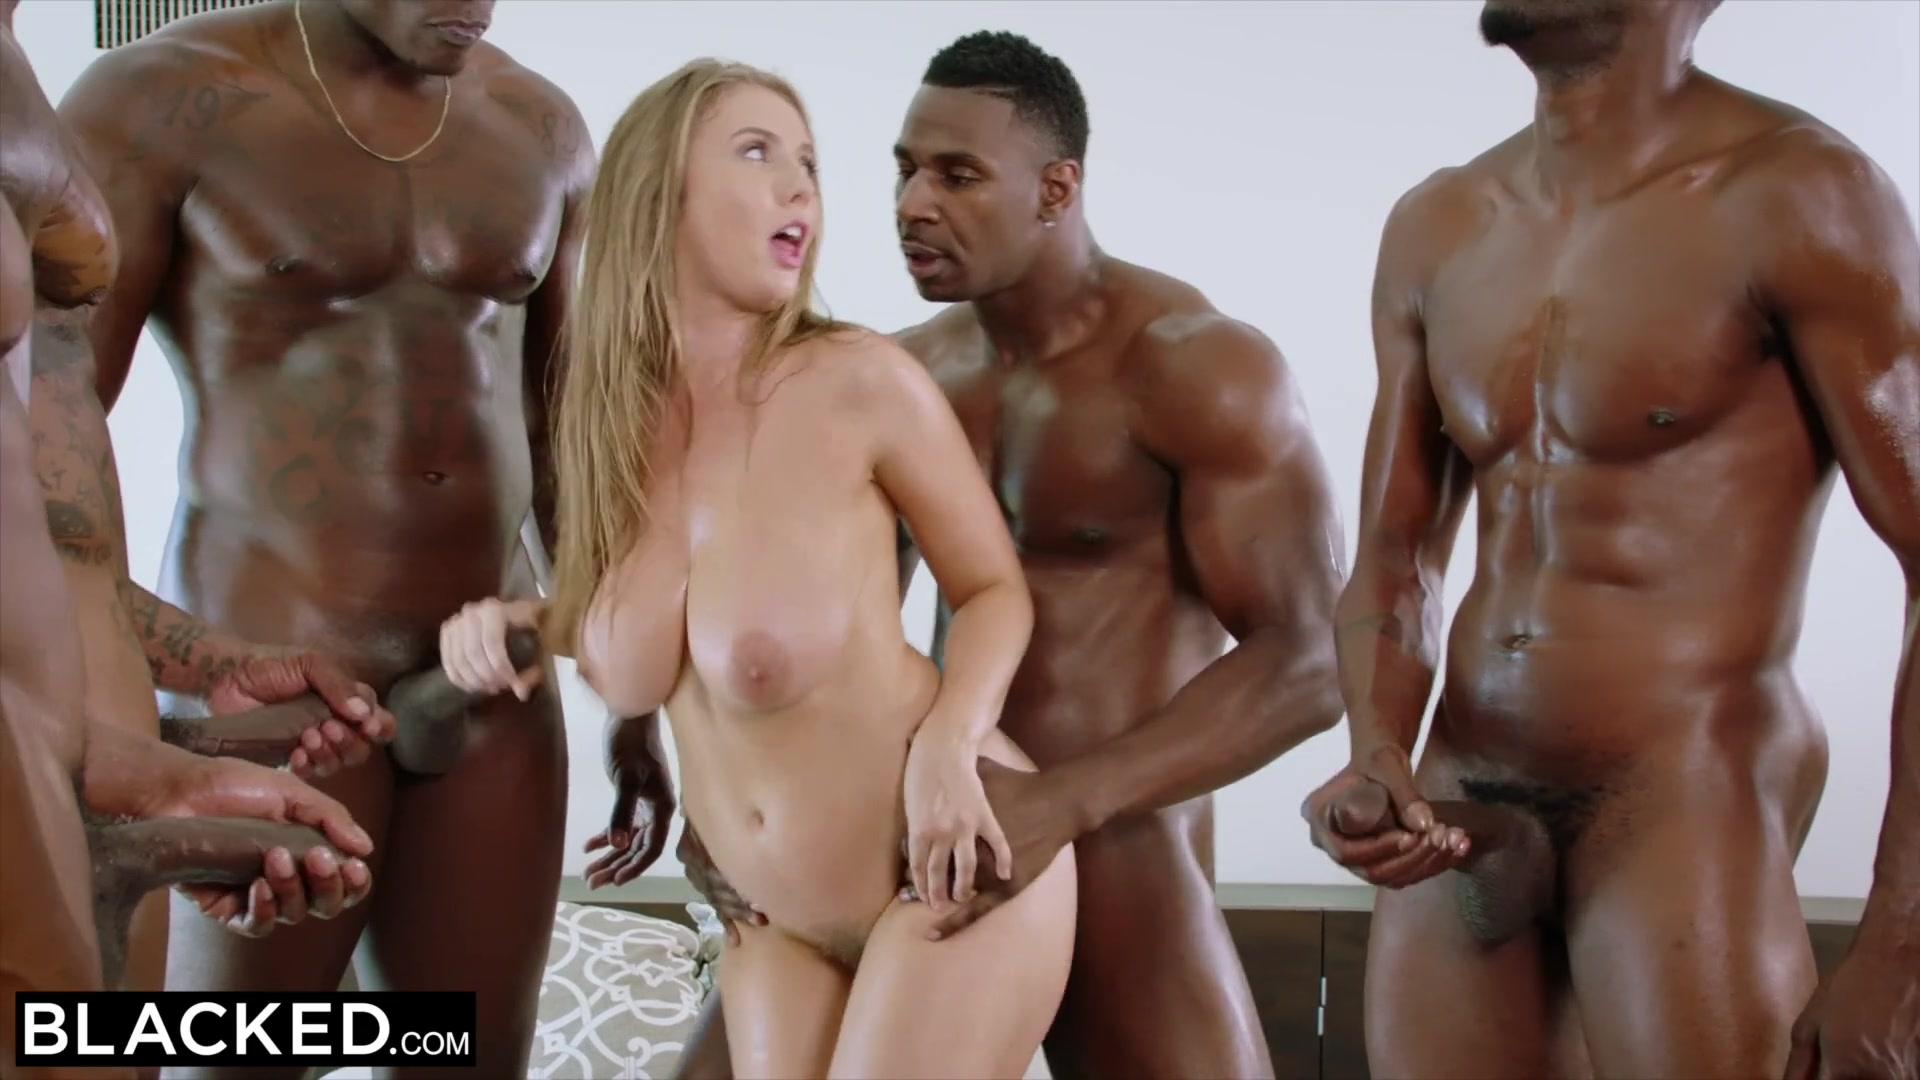 big tit blonde gets blacked